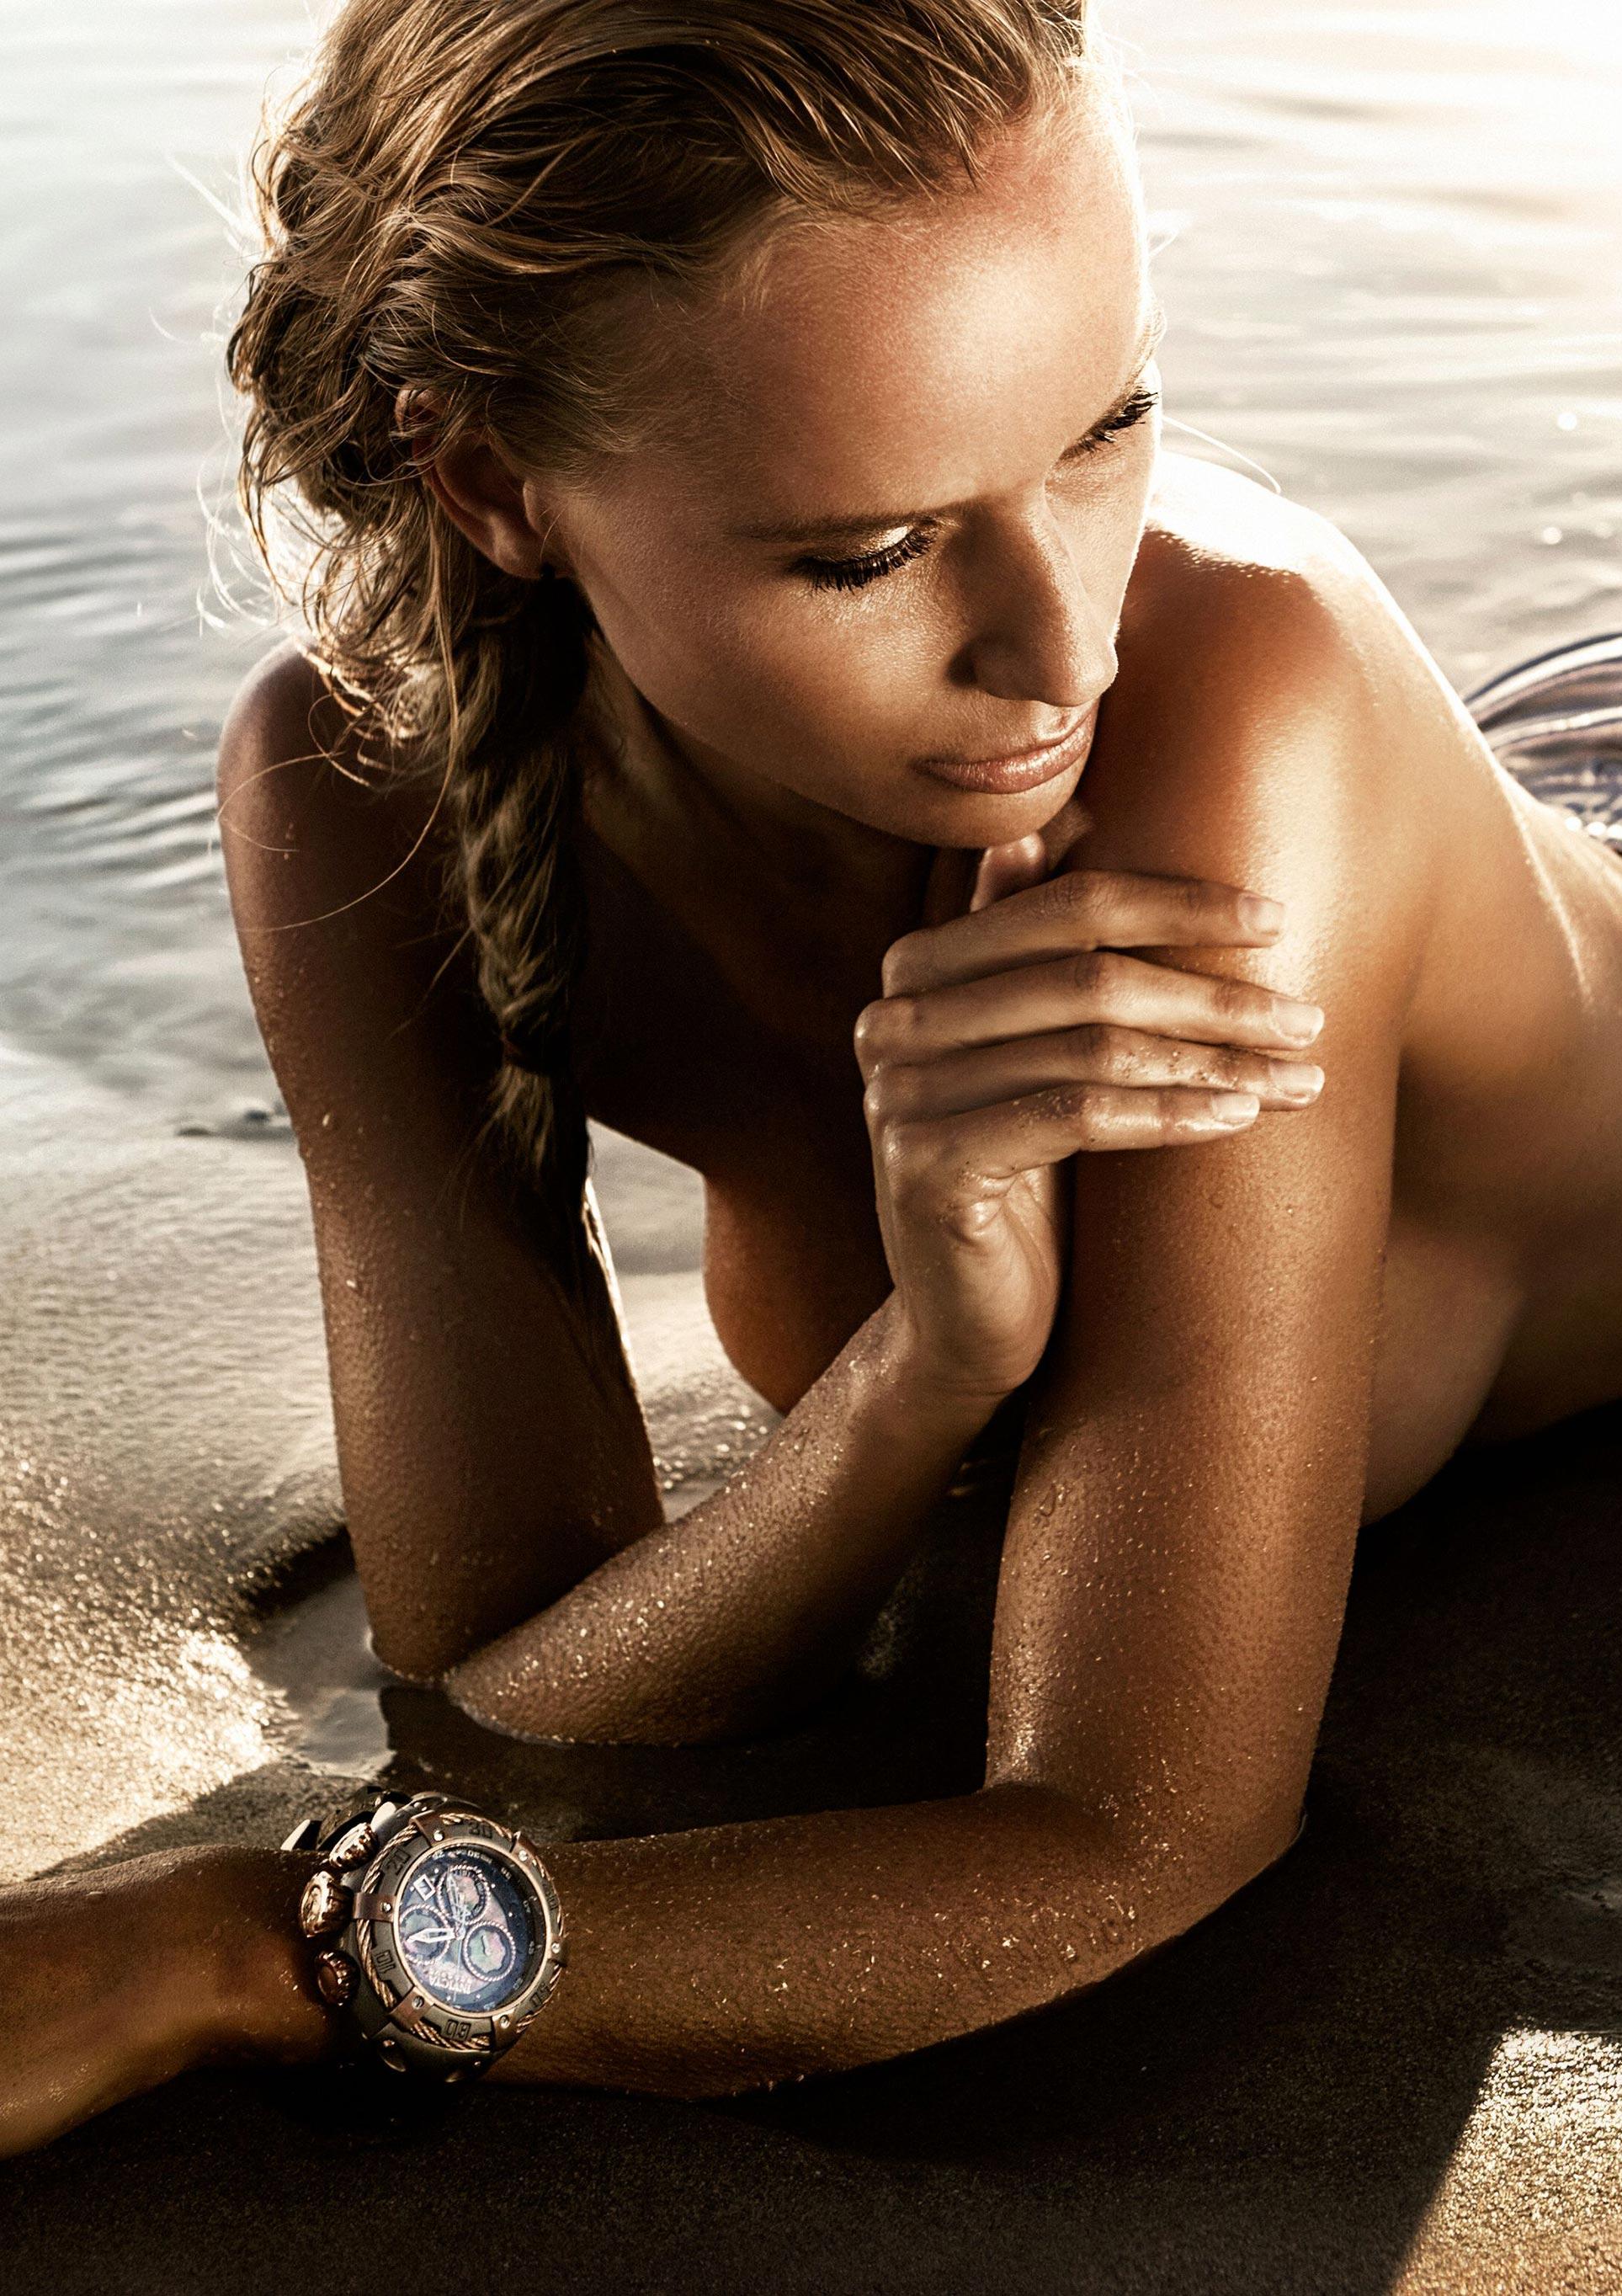 Часы Invicta на красивых девушках / фото 01